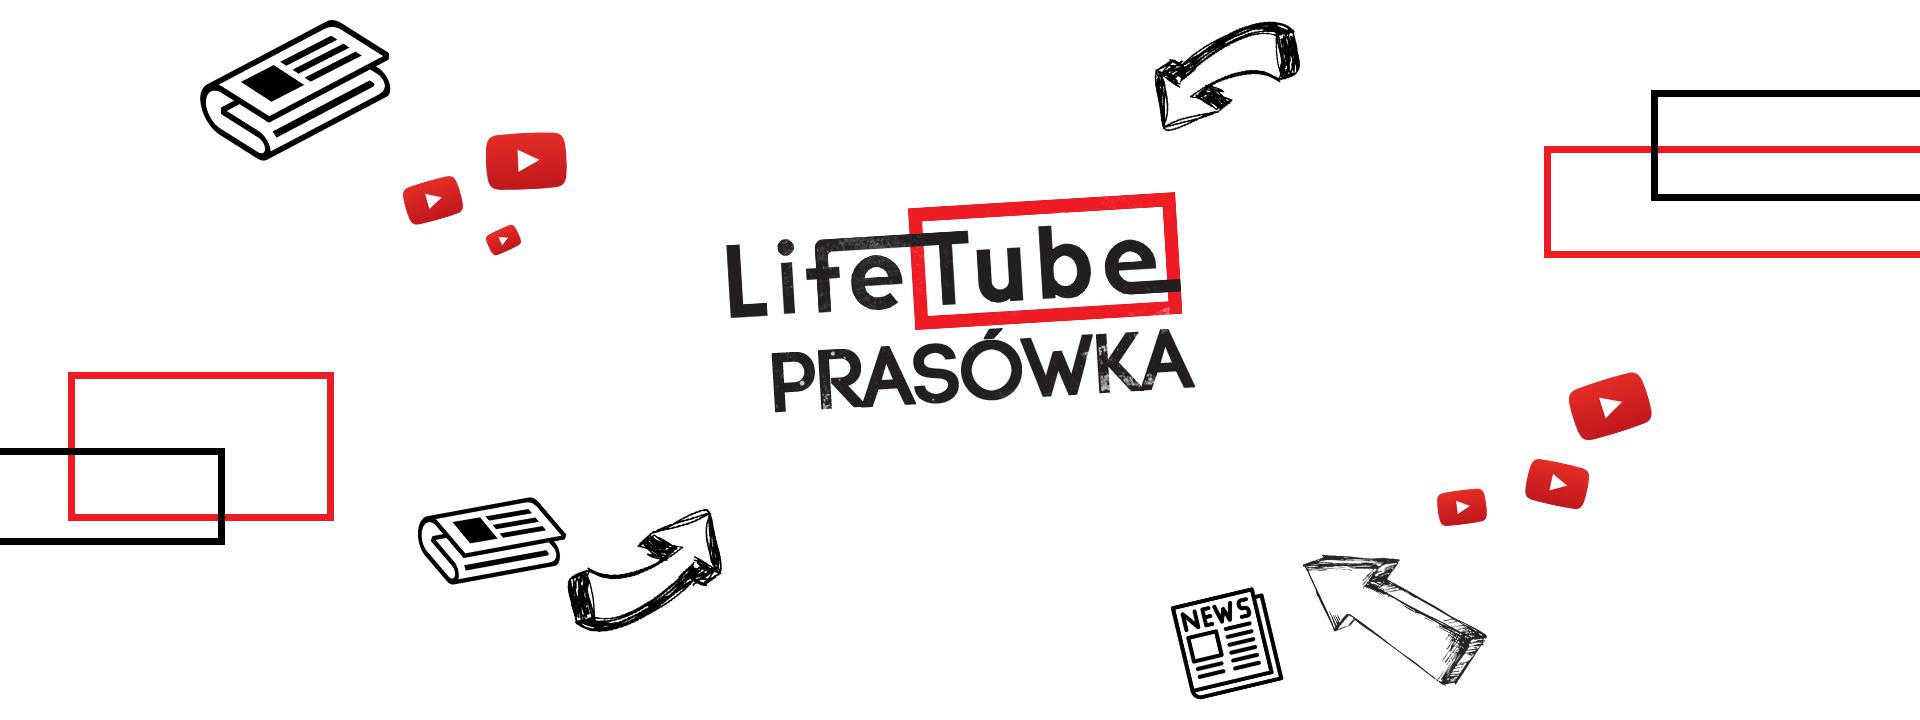 Wyruszcie z nami na youtube'owy szczyt!